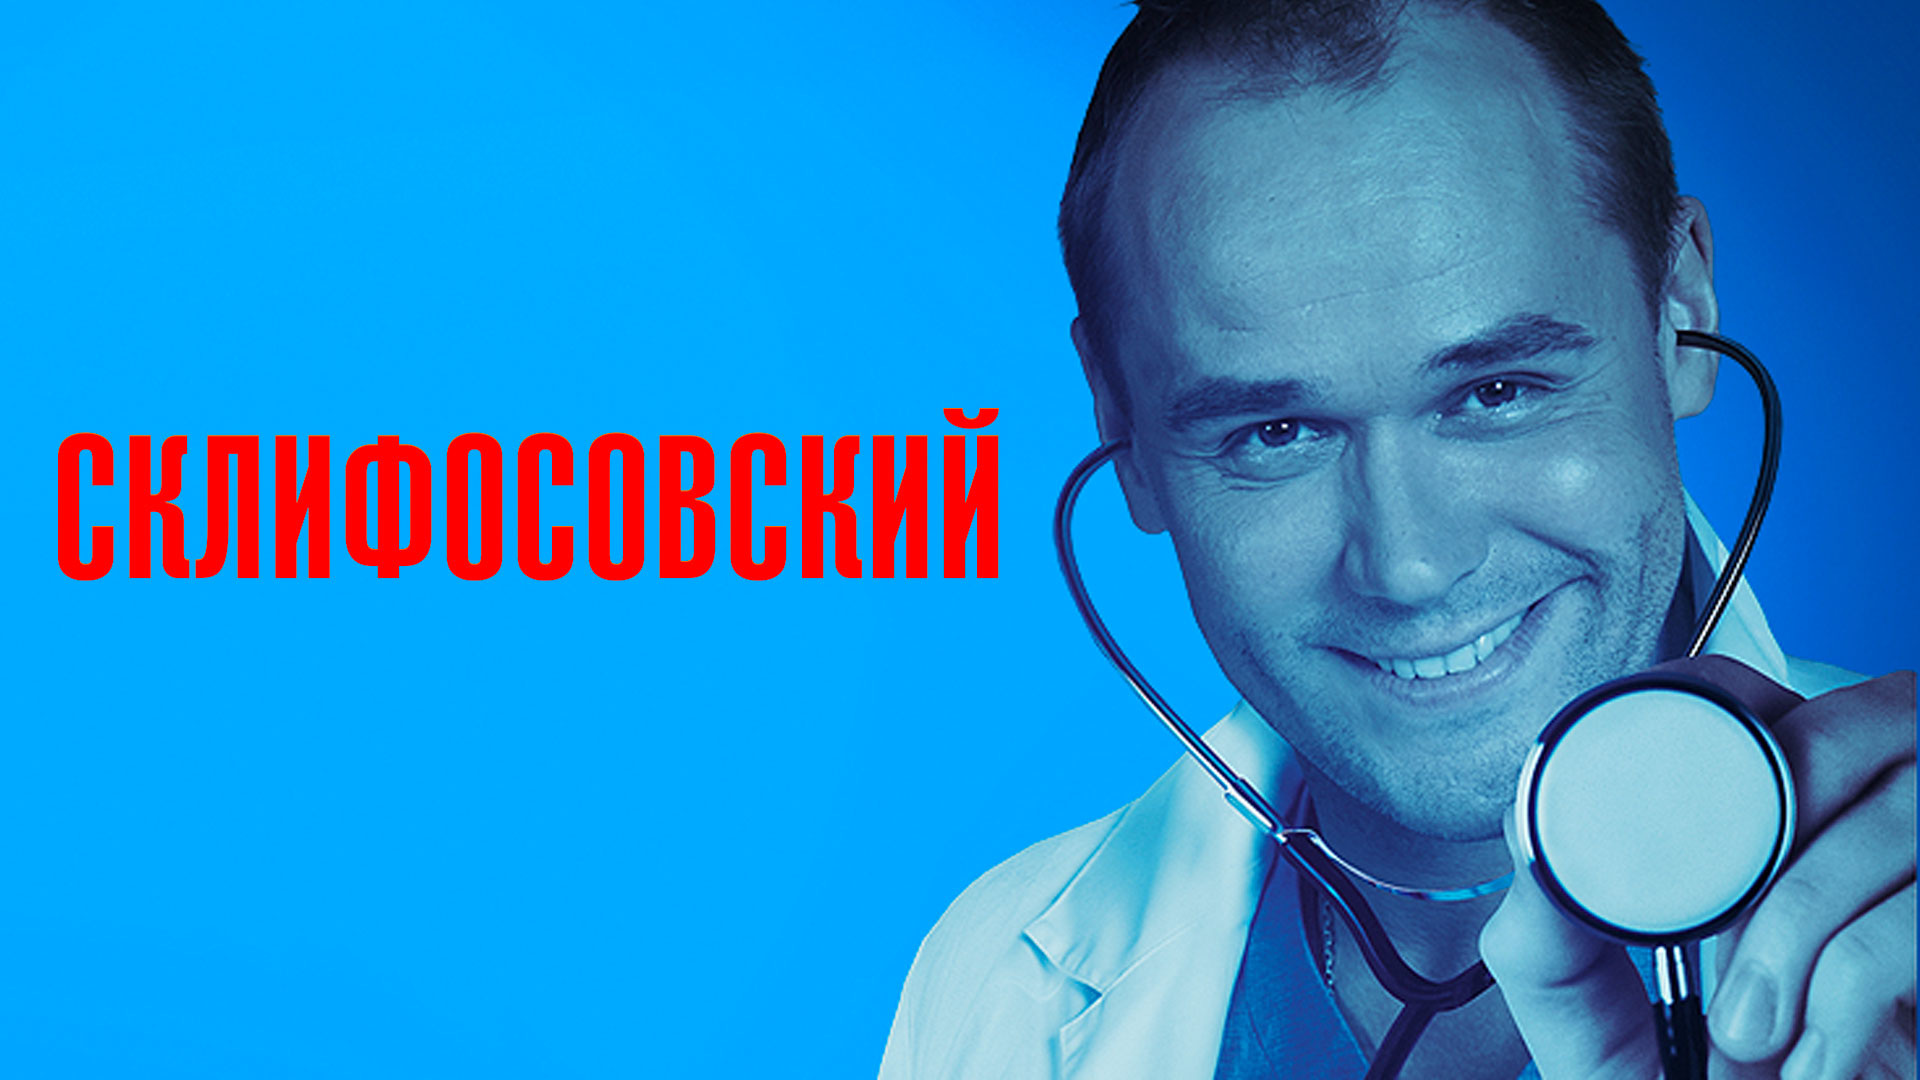 Склифосовский (1 сезон)